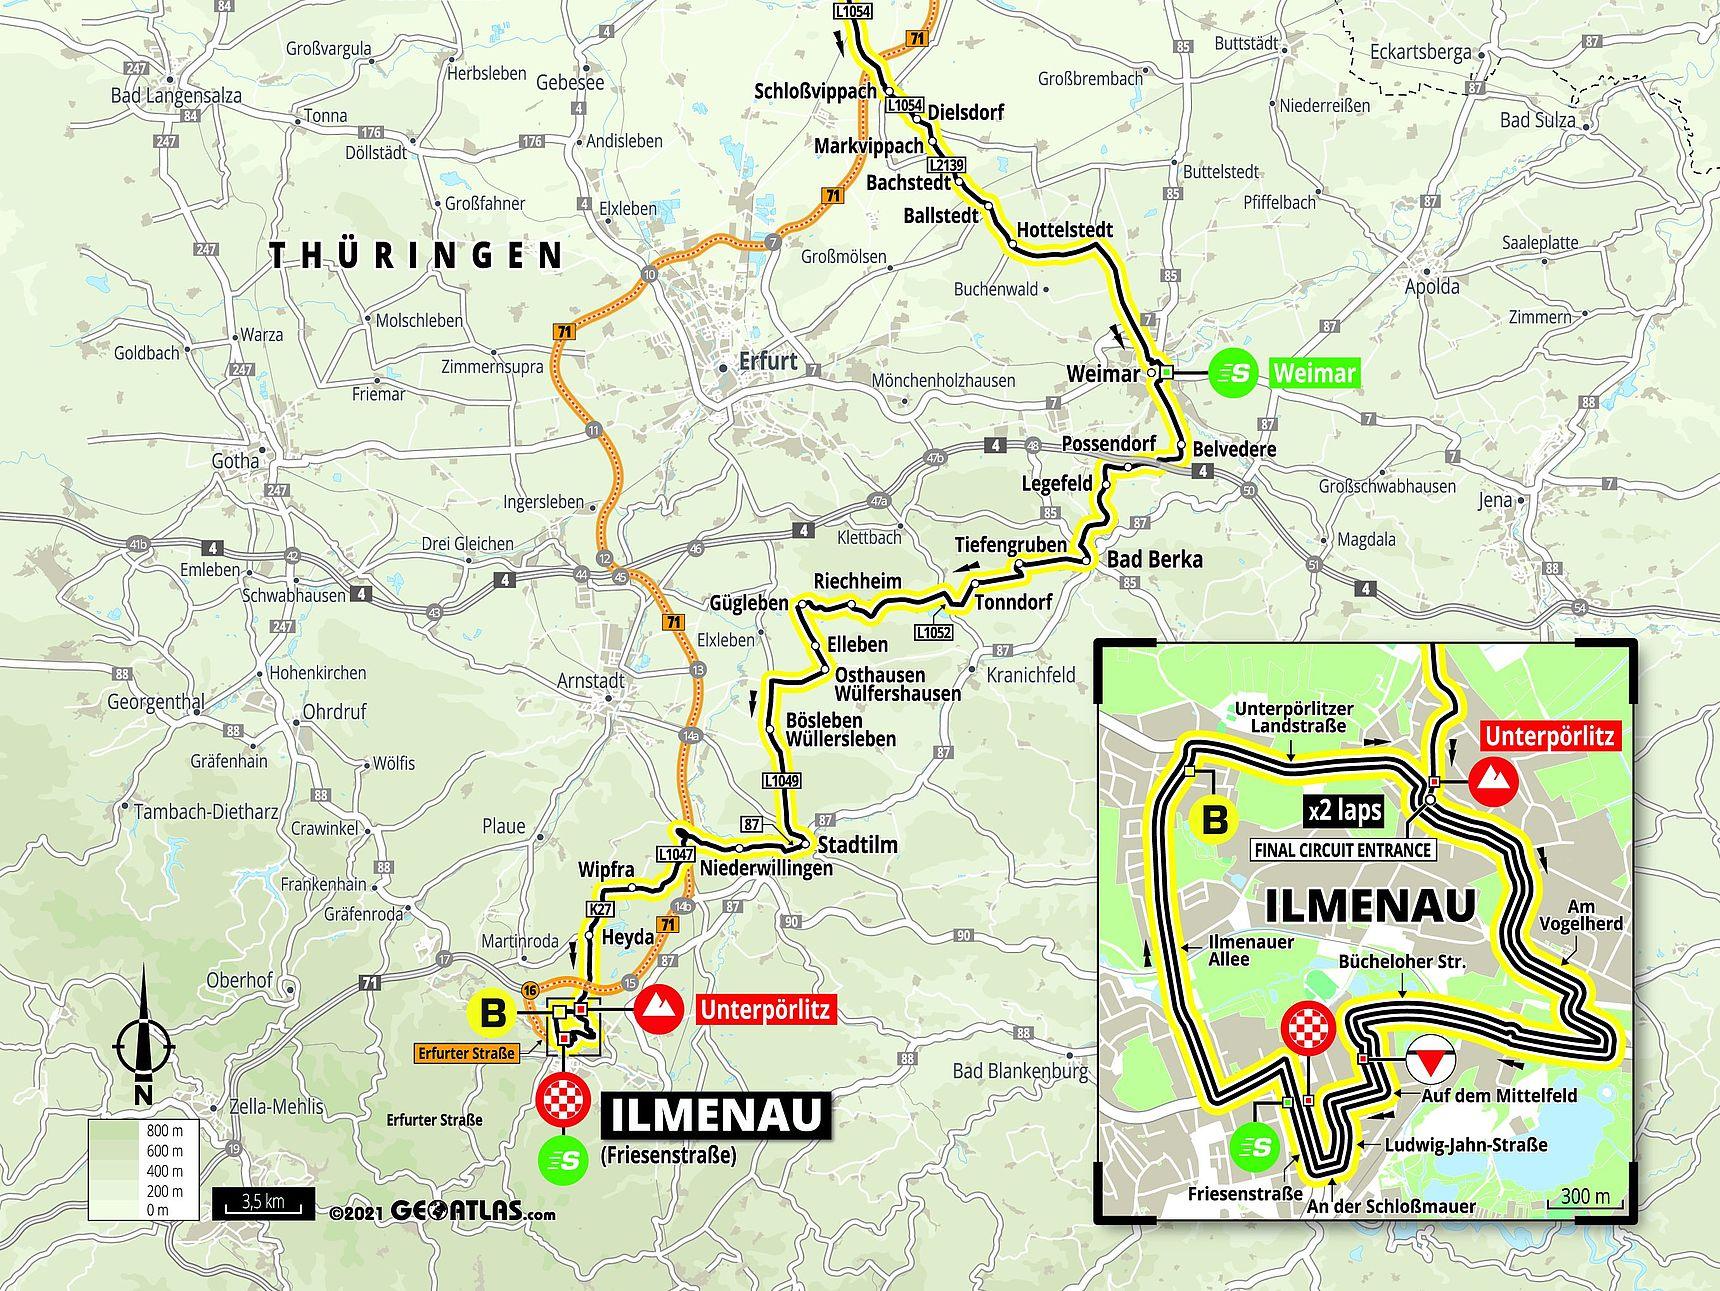 Streckenkarte Etappe 2 Deutschland Tour 2021